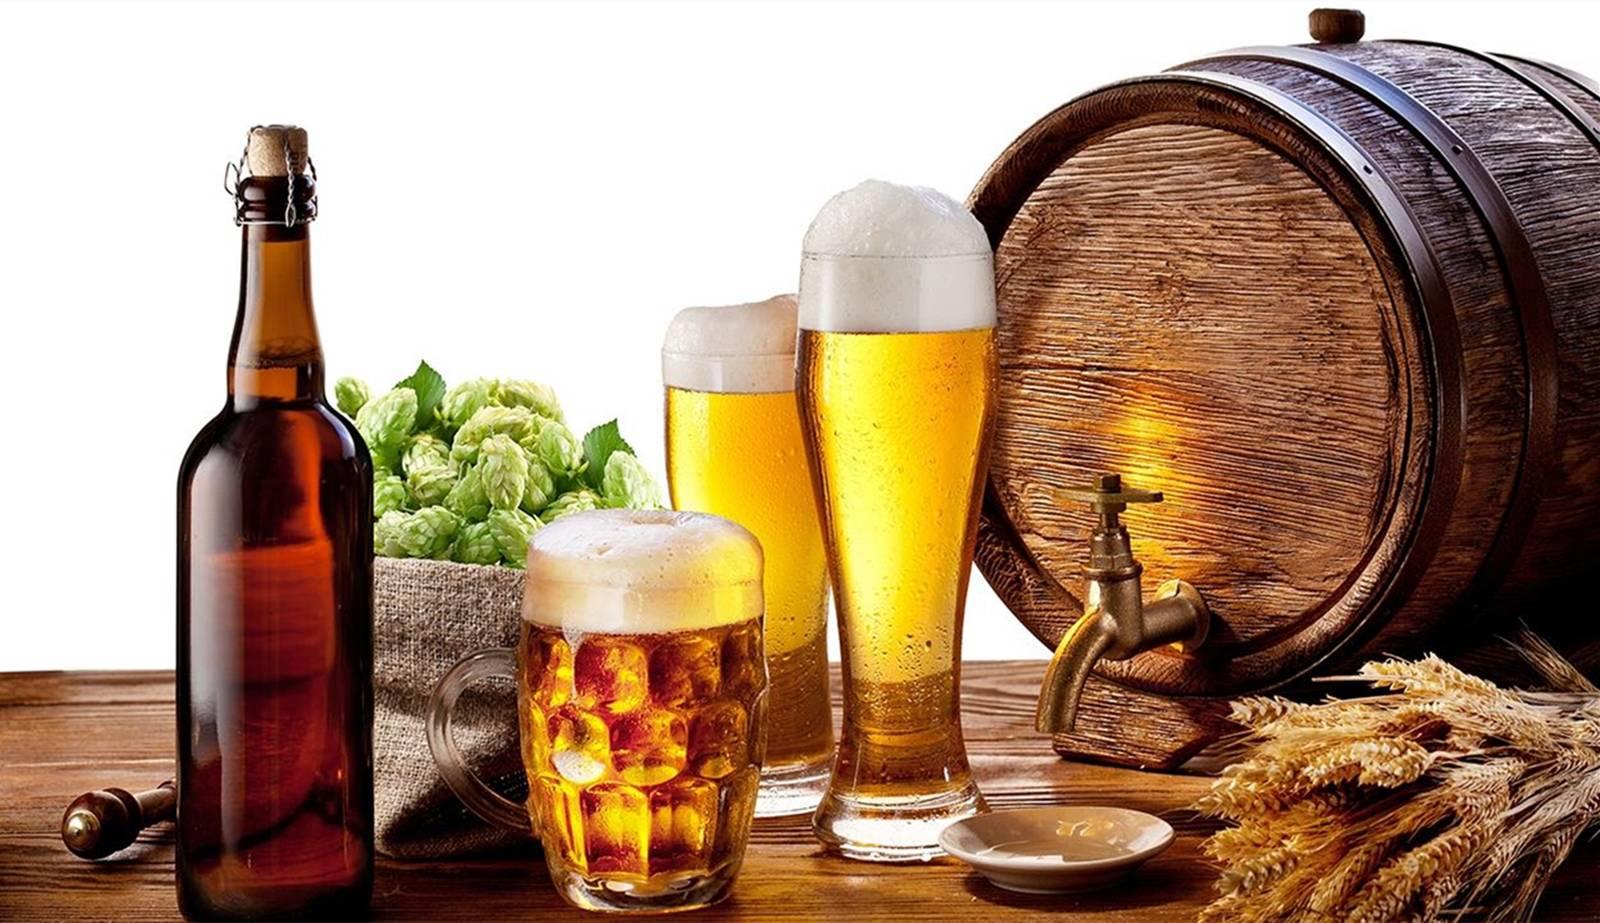 少量饮用啤酒对于自己的身体非但没有损害,还会有很多的好处?